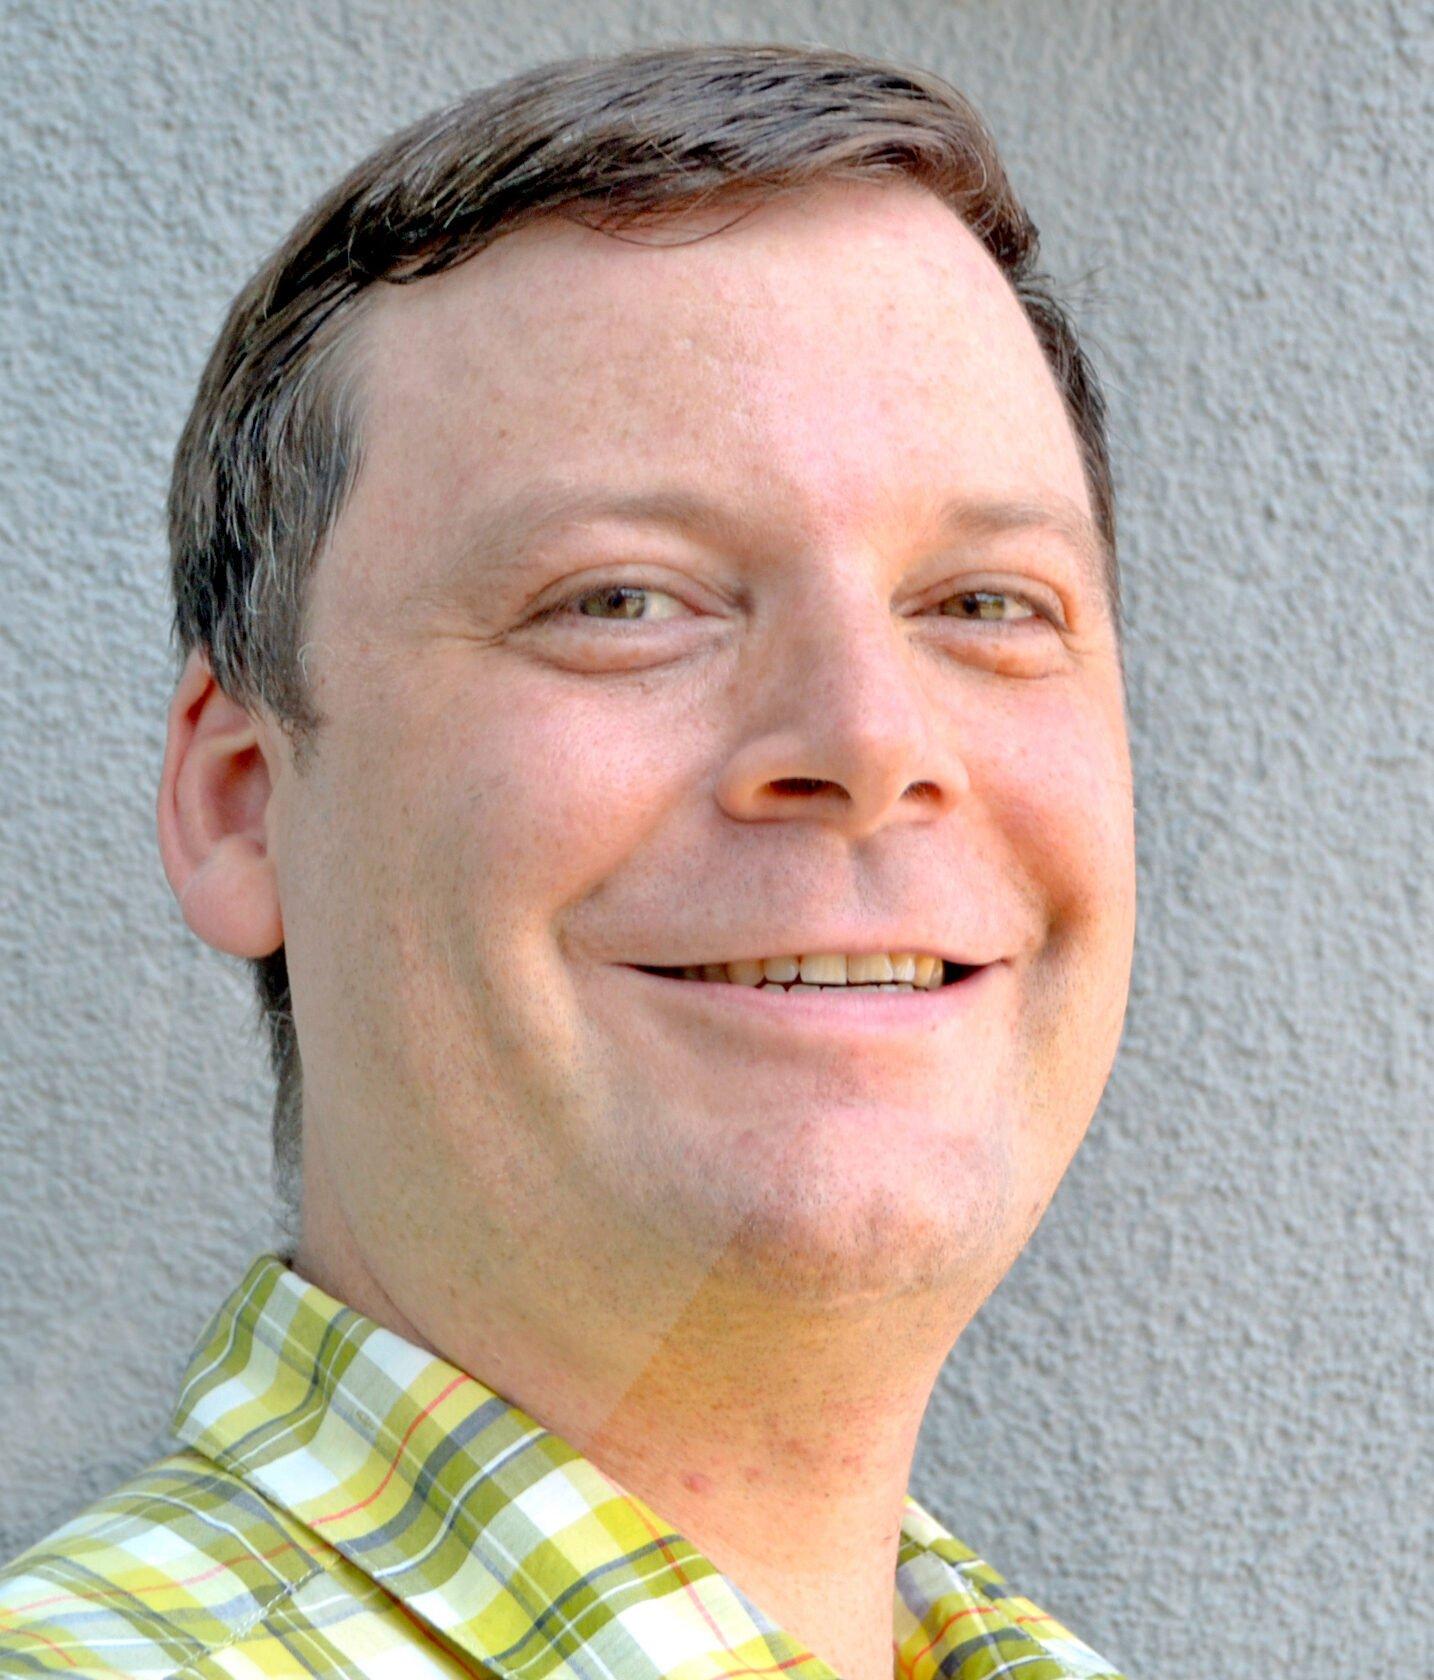 Jens Schlingensief